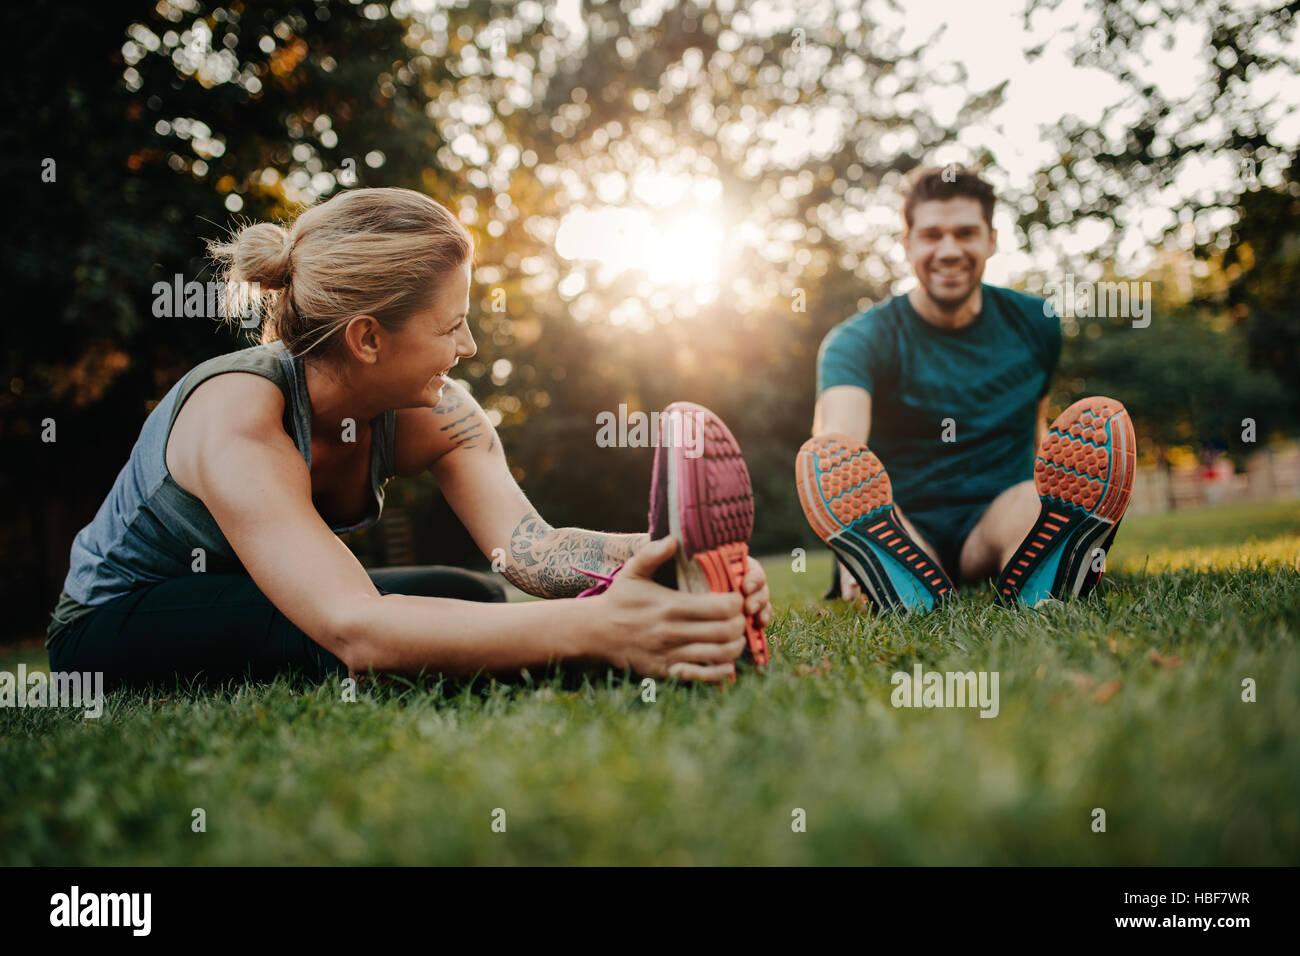 Ejercicios de estiramiento pareja afuera en el parque. Joven Hombre y mujer ejercen juntos en la mañana. Imagen De Stock